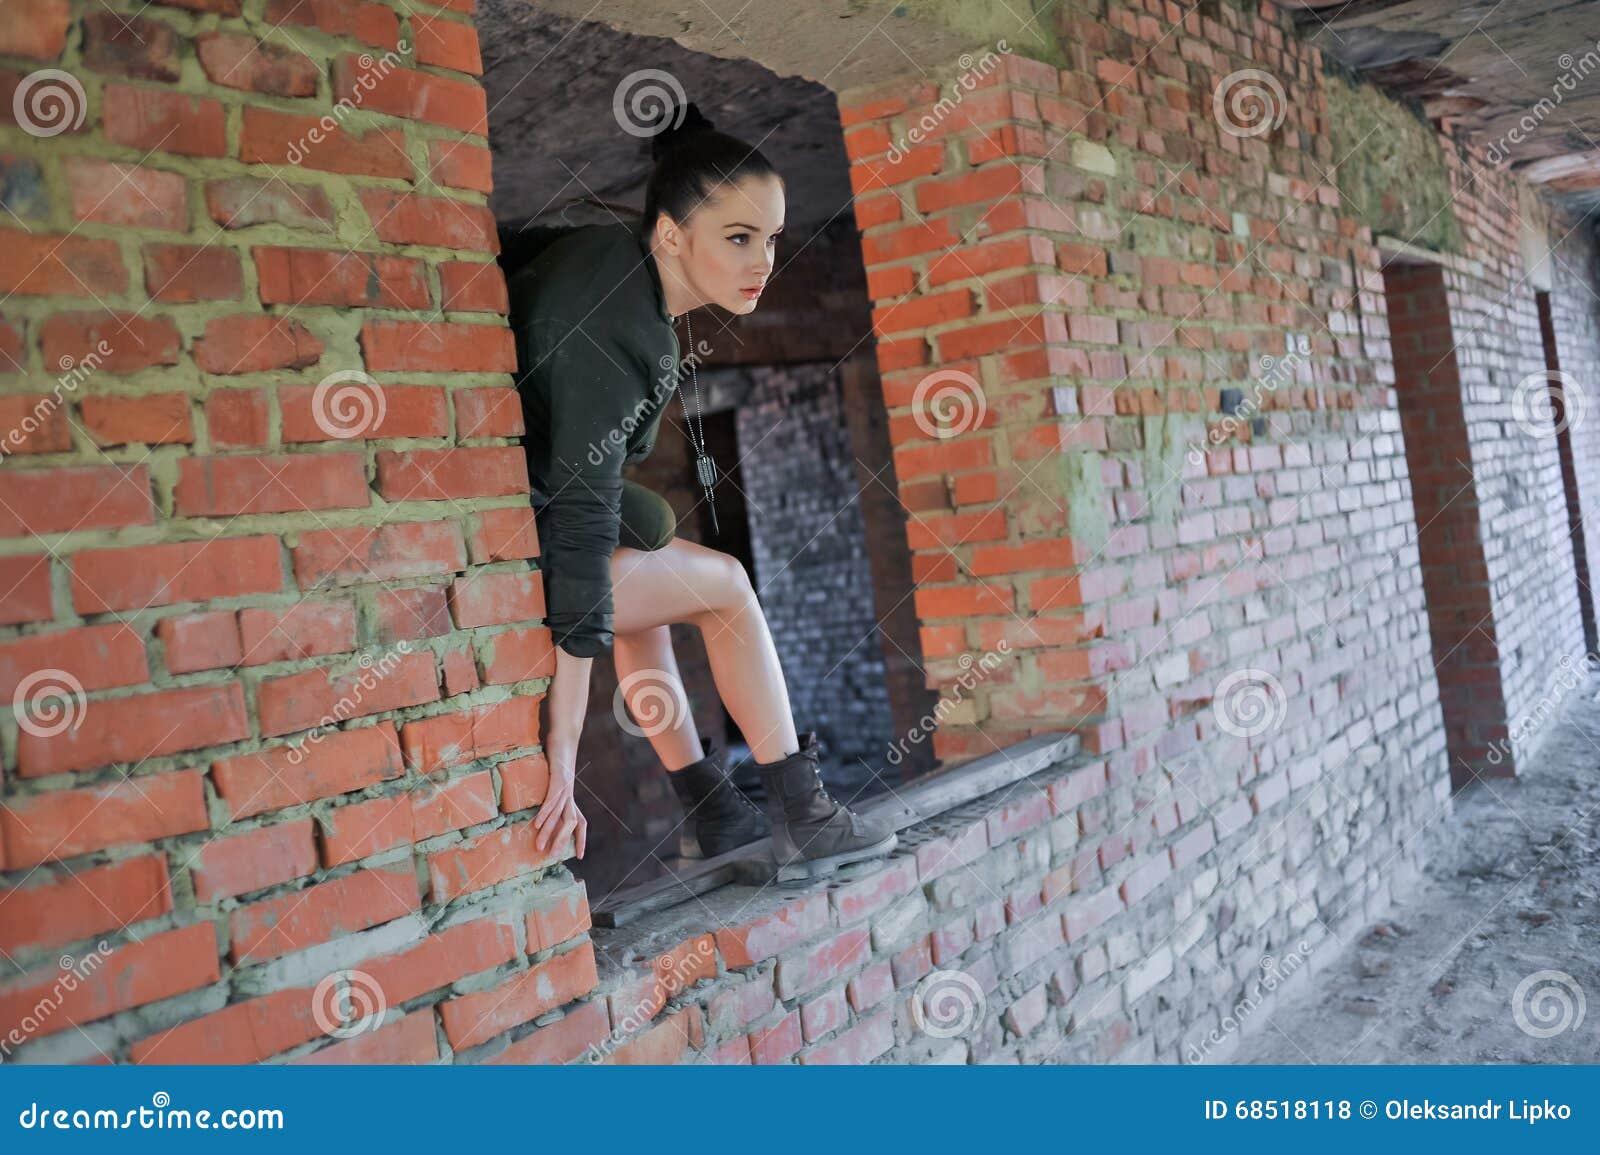 Девушка около кирпичной стены в стиле войск